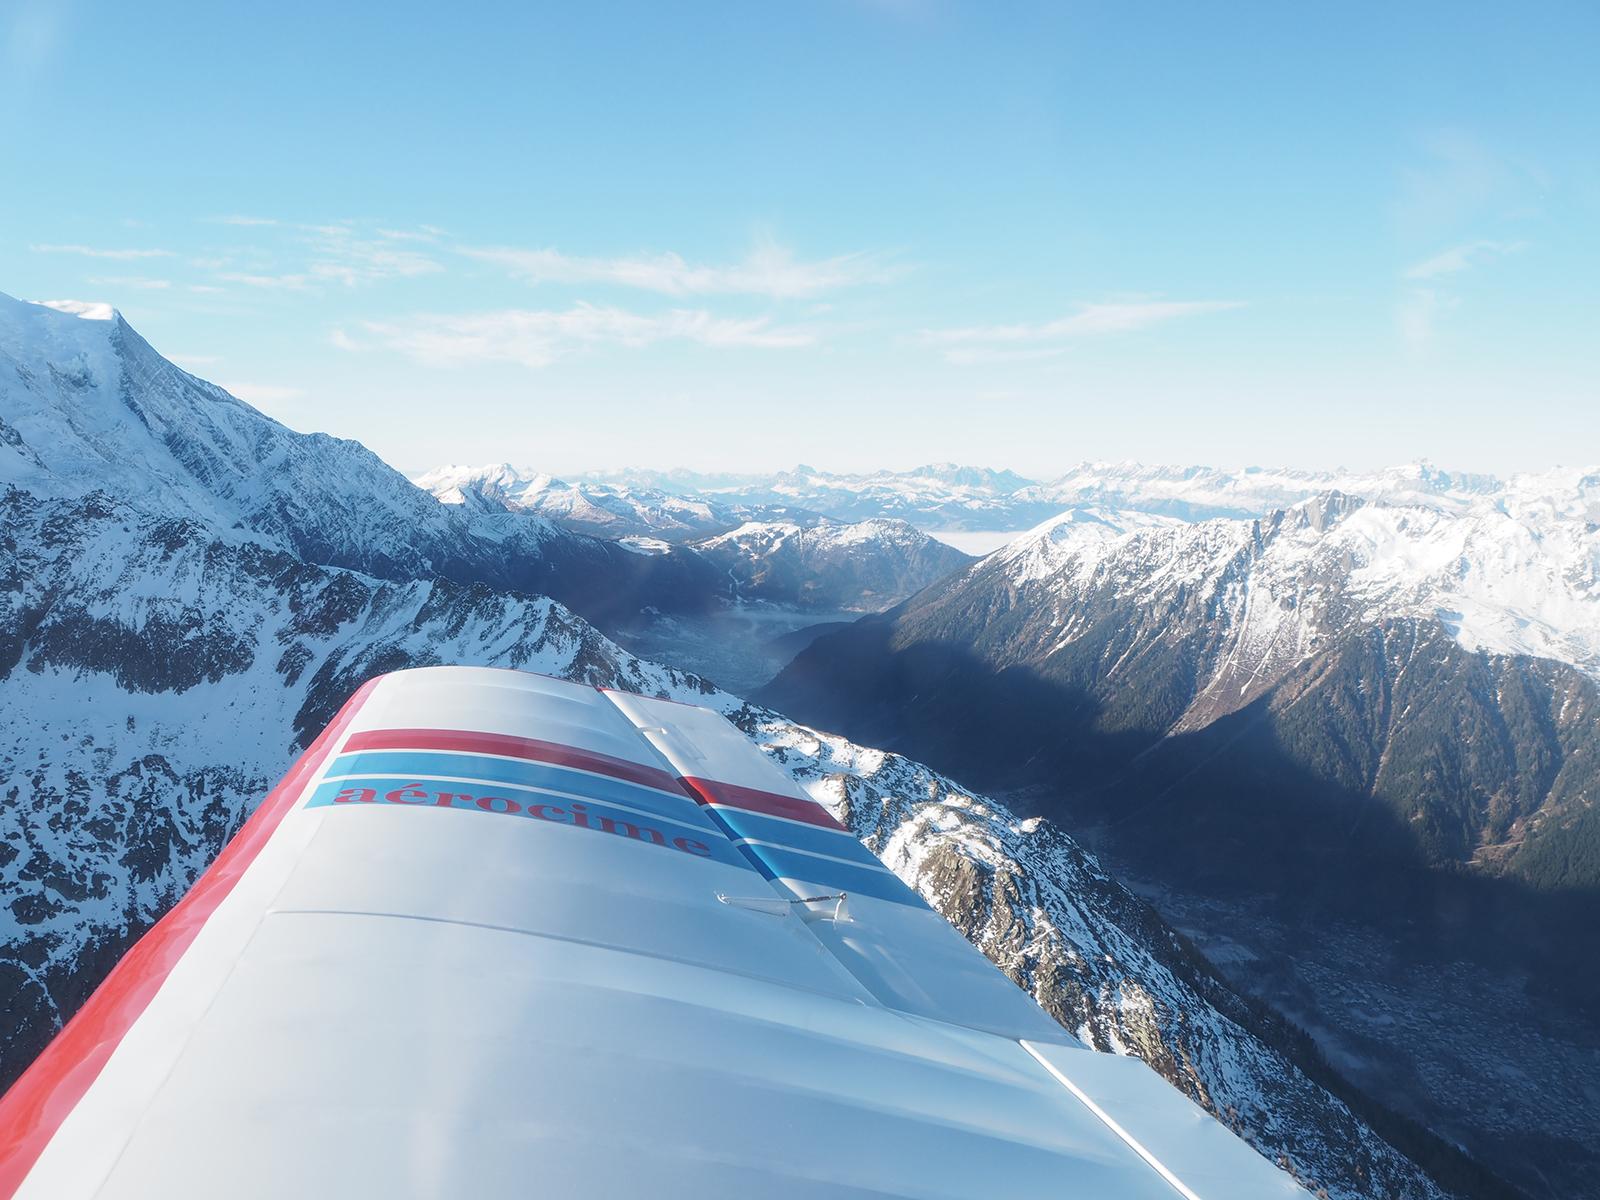 La vallée blanche en avion